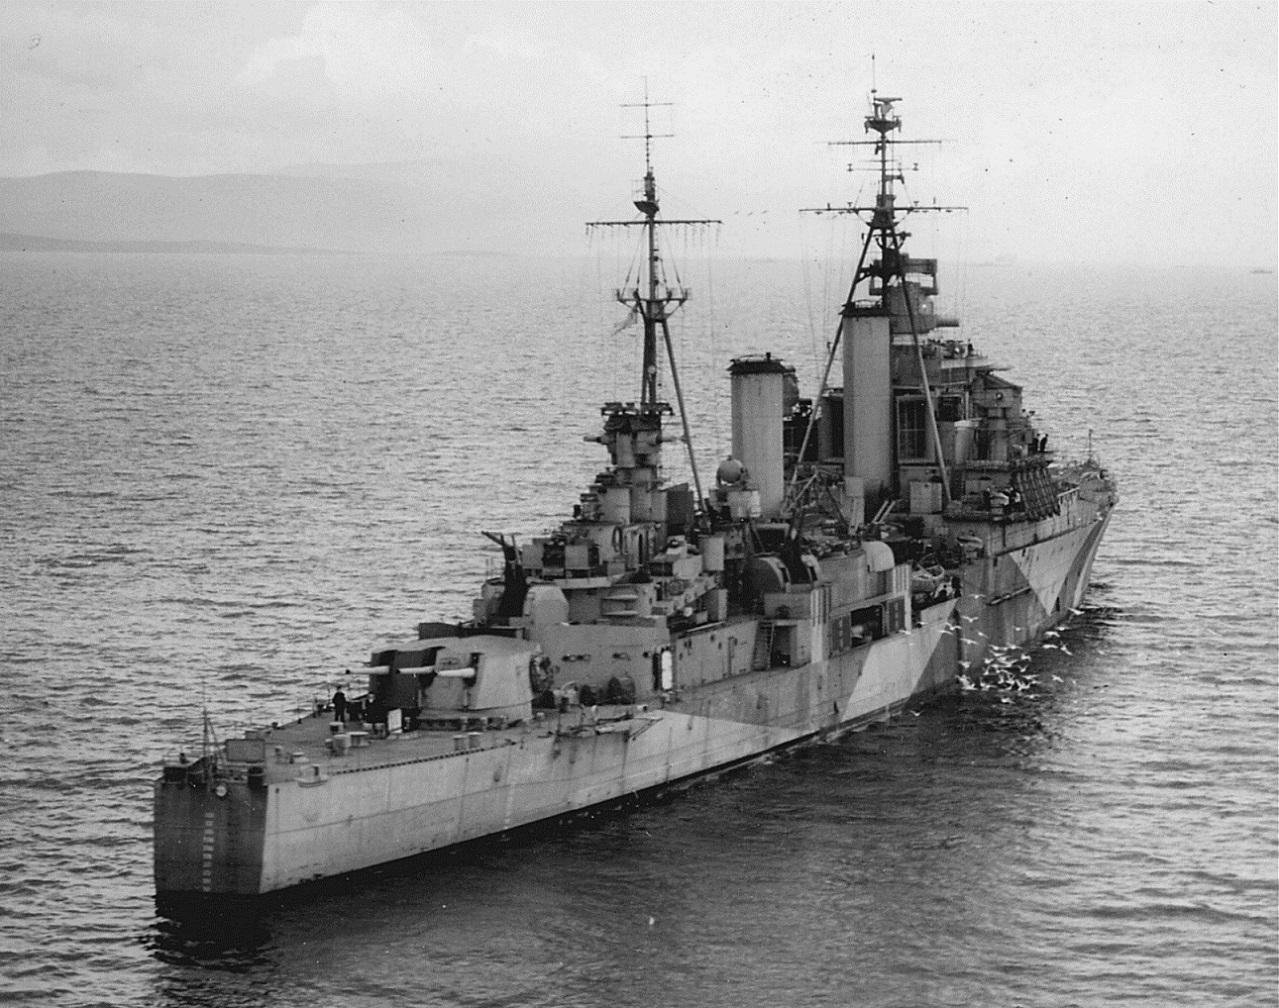 Английский легкий крейсер «Свитшур» (HMS Swiftsure) в море..jpg